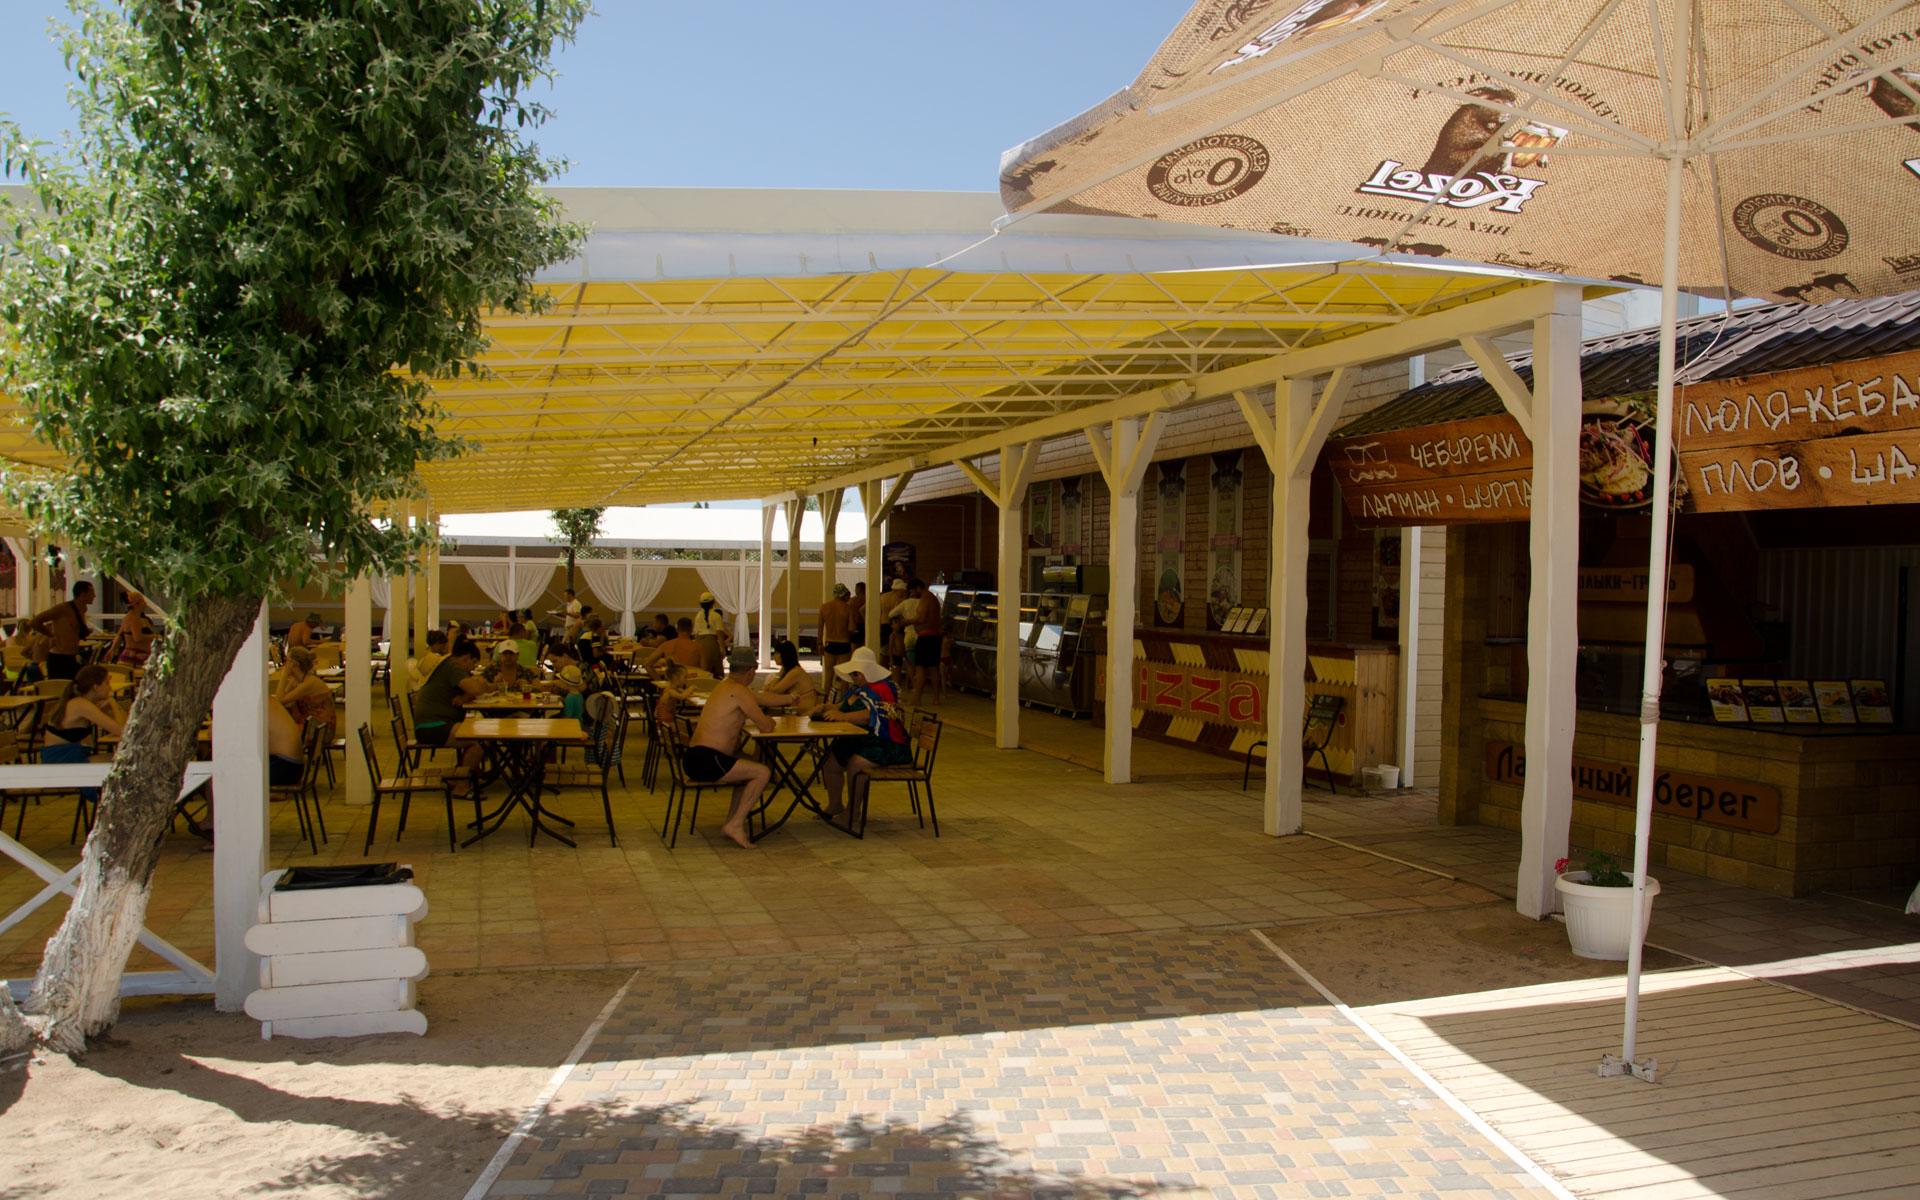 Восточная кухня на пляже Заозерного. Фото Евпатории